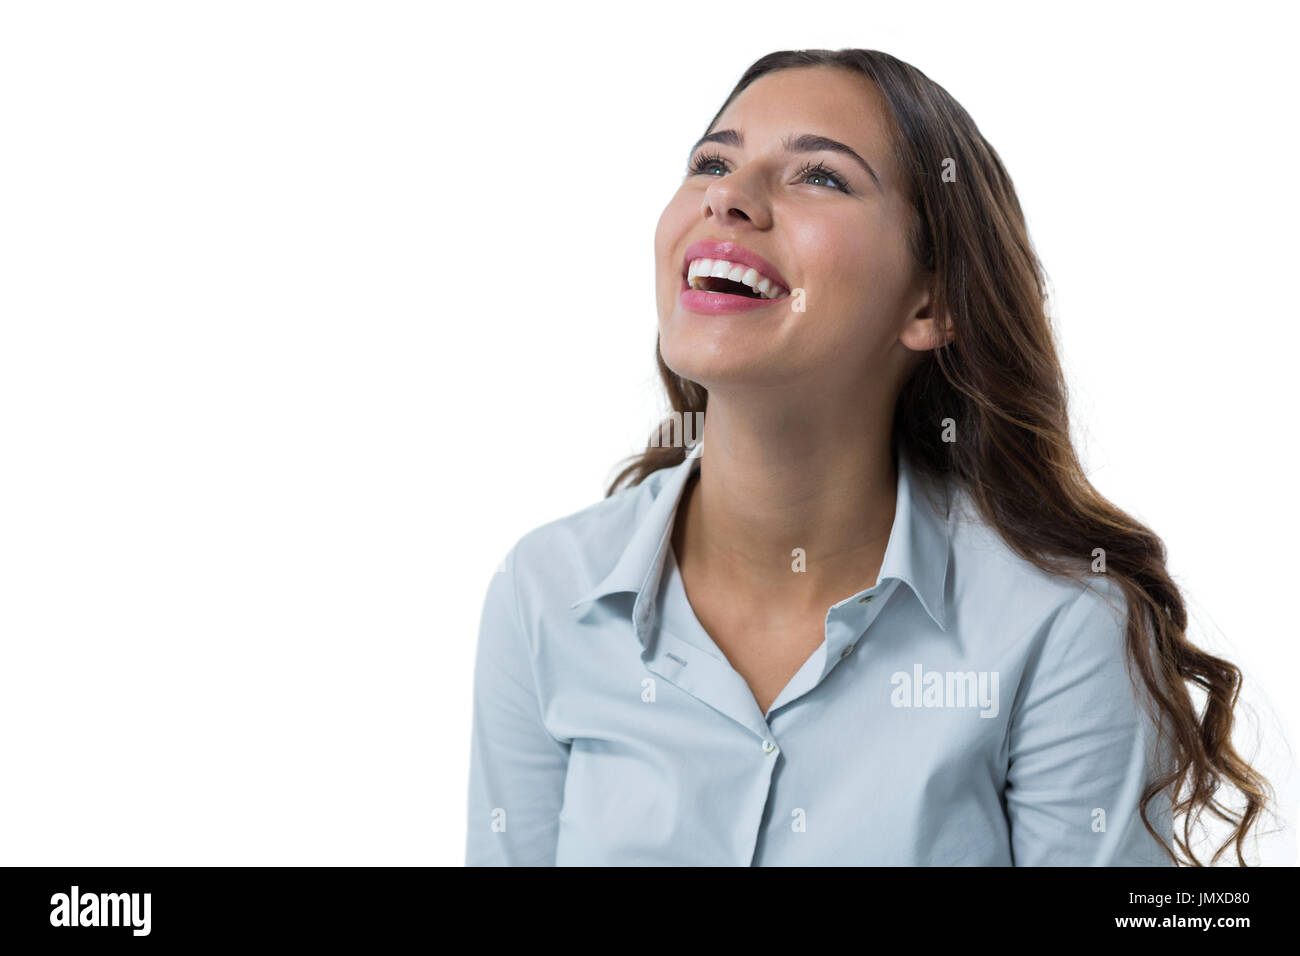 Beautiful female executive smiling against white background Stock Photo